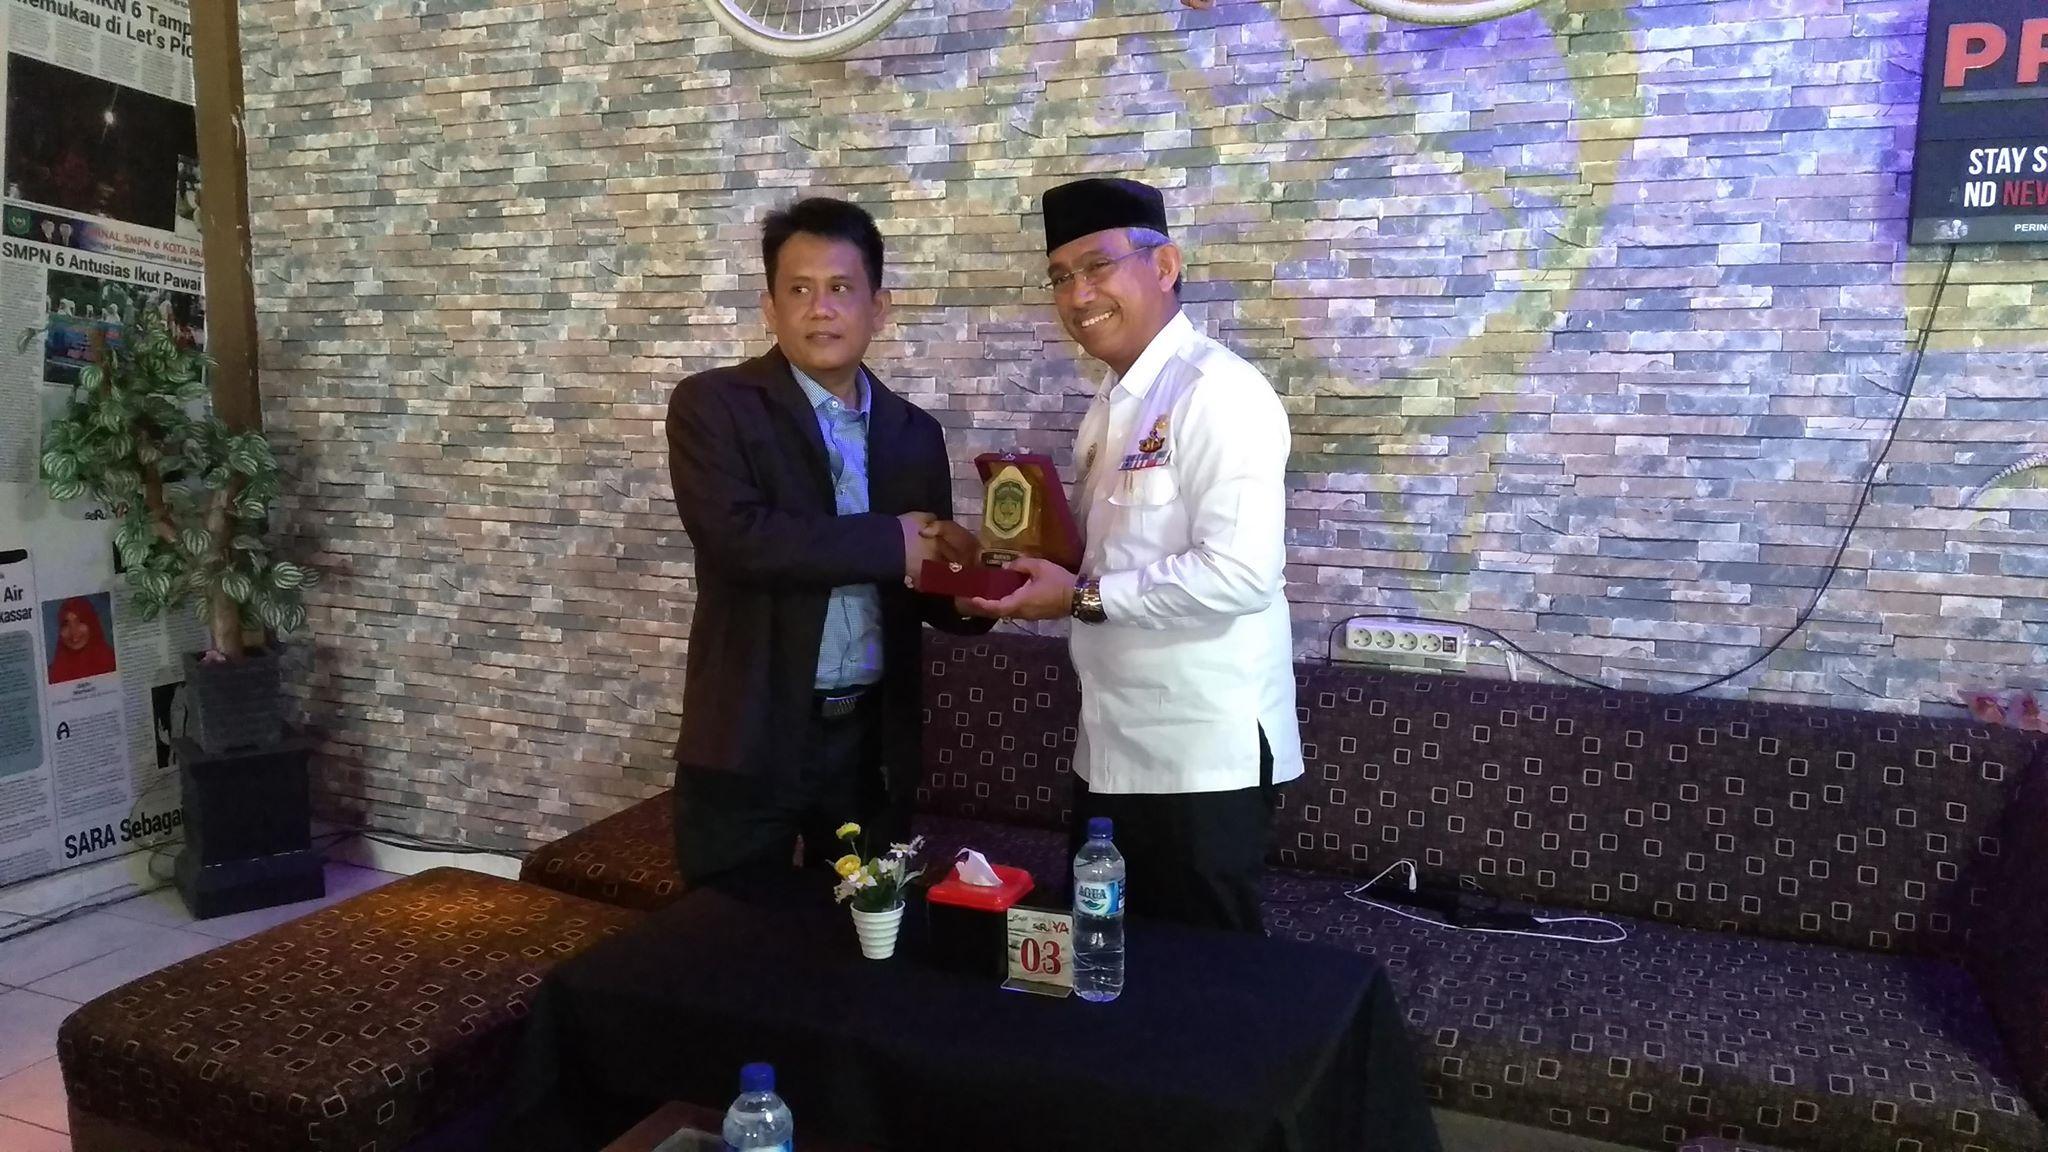 Bupati Luwu Timur, HM Thoriq Husler memberikan cinderamata kepada Direktur Koran SeruYA, Chaerul Baderu